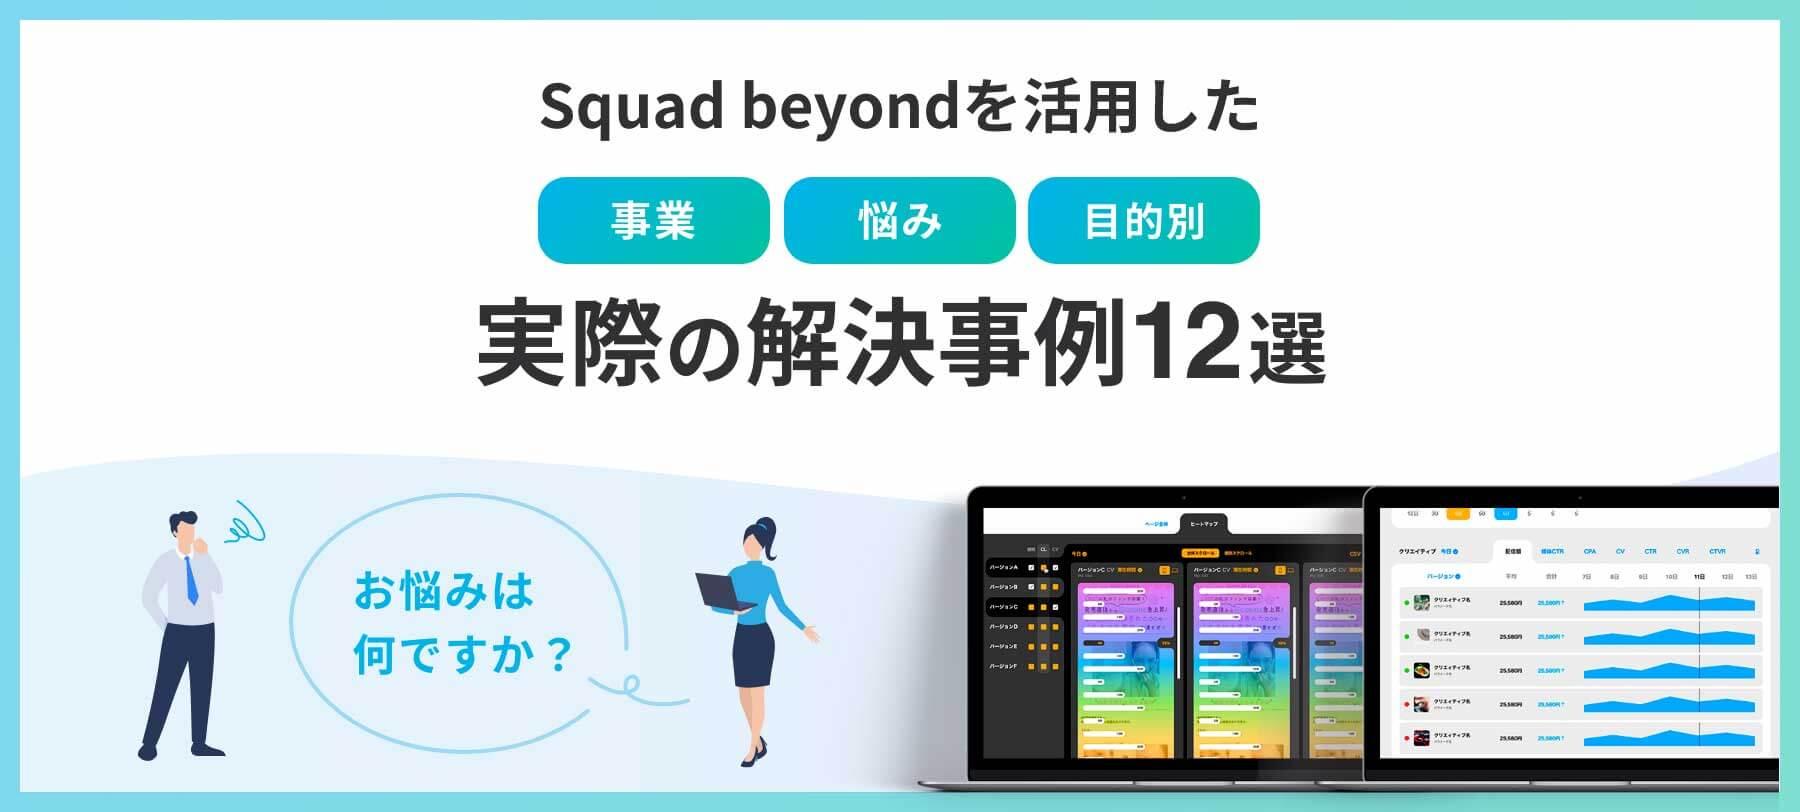 Squad beyondを活用した【事業・悩み・目的別】実際の解決事例12選